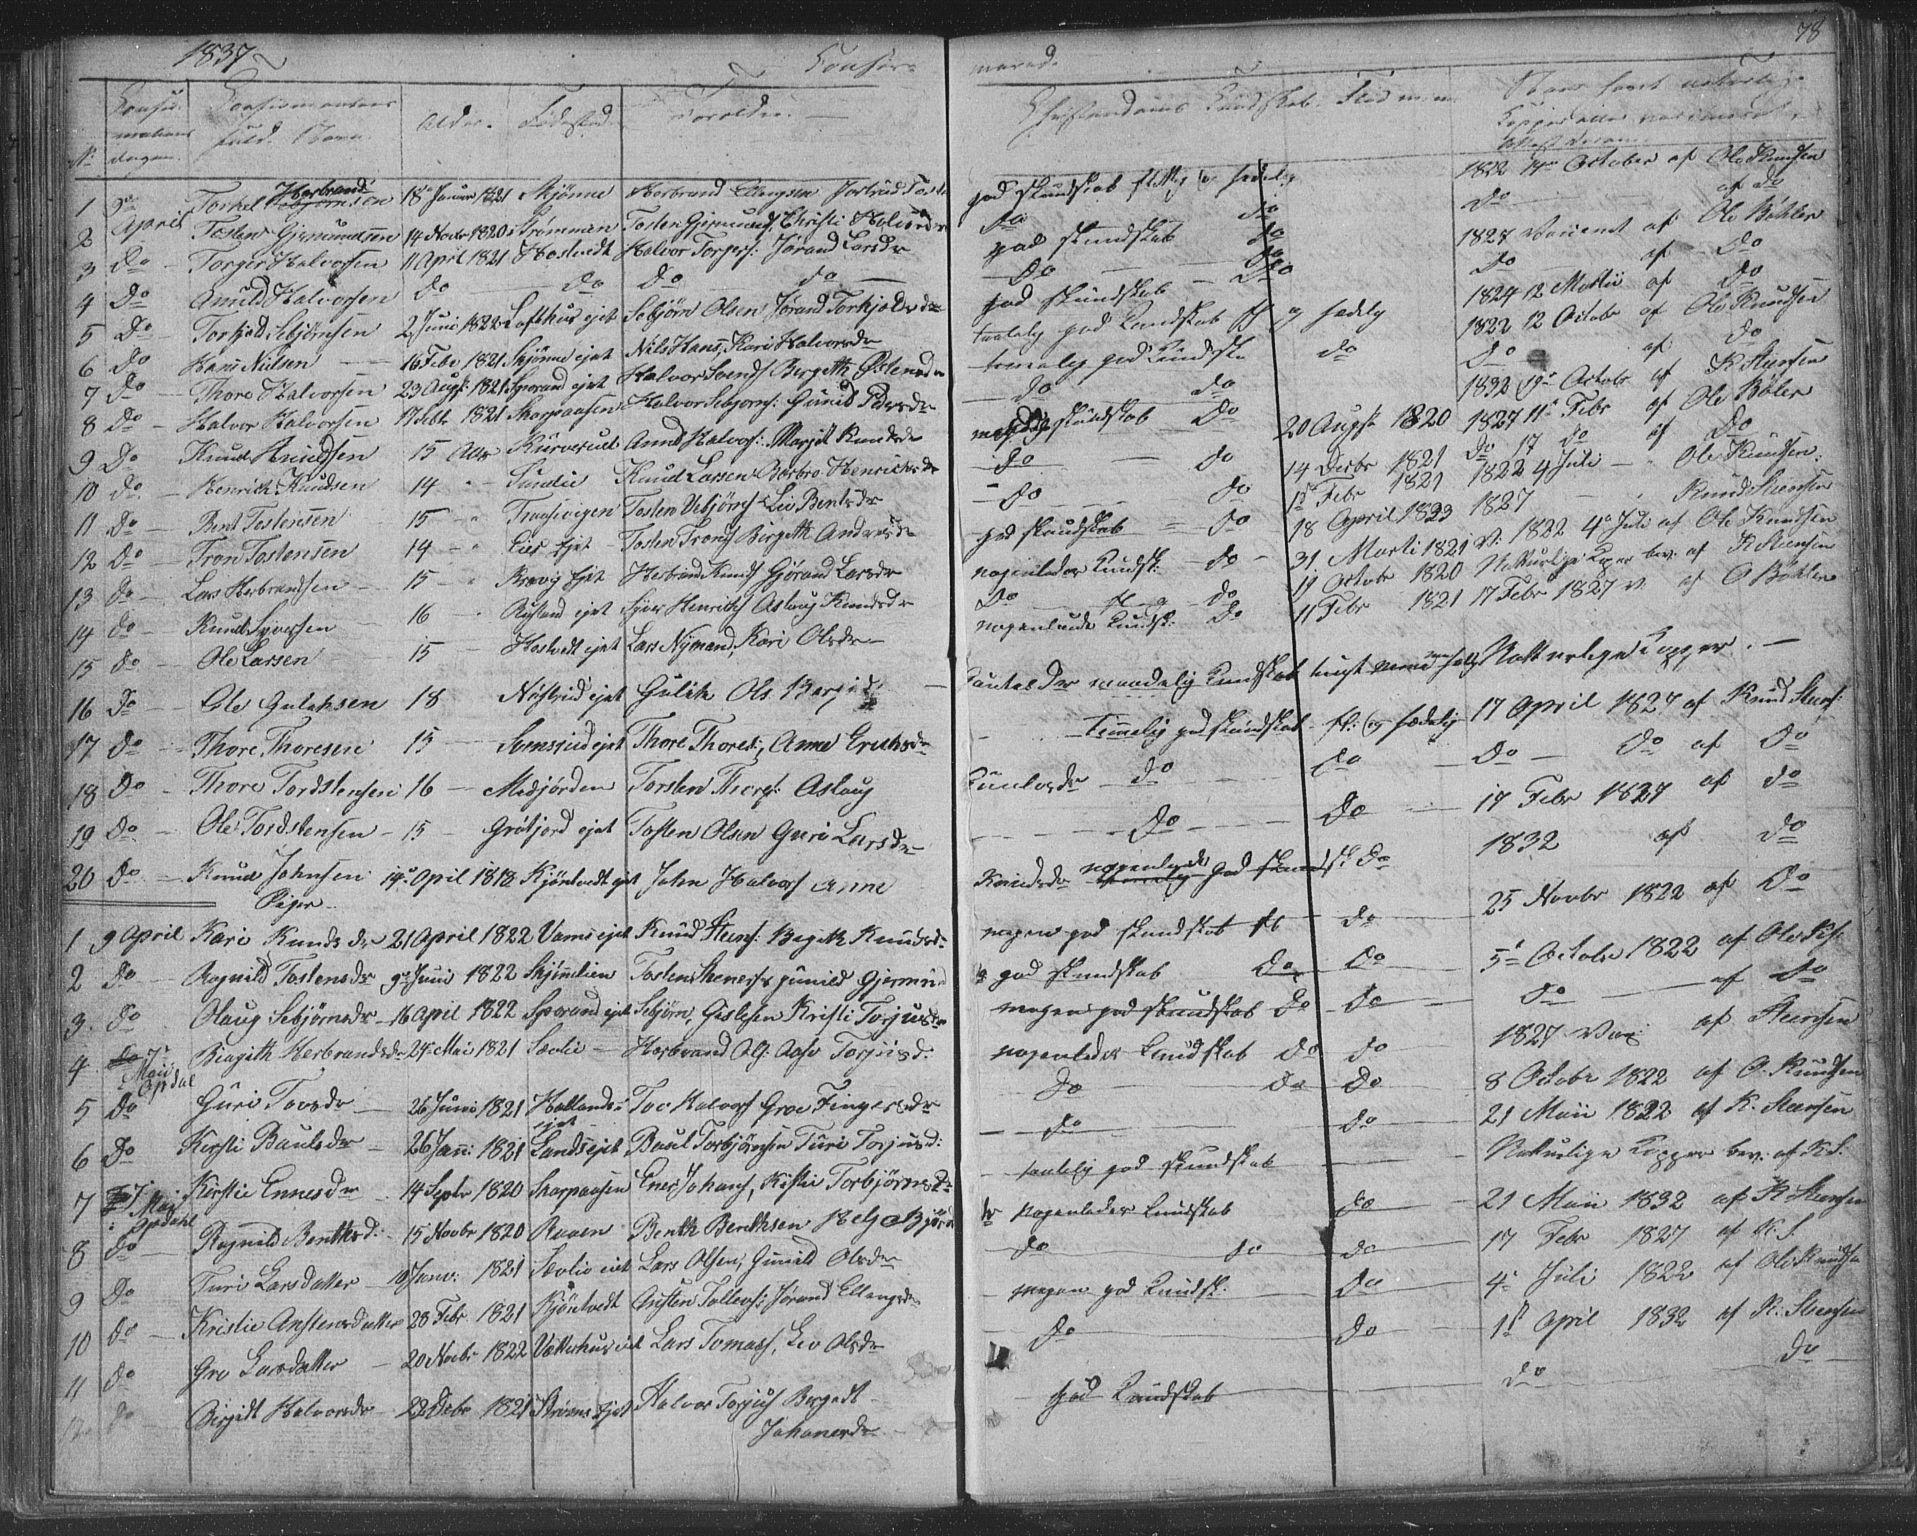 SAKO, Nore kirkebøker, F/Fa/L0001: Ministerialbok nr. I 1, 1836-1855, s. 78